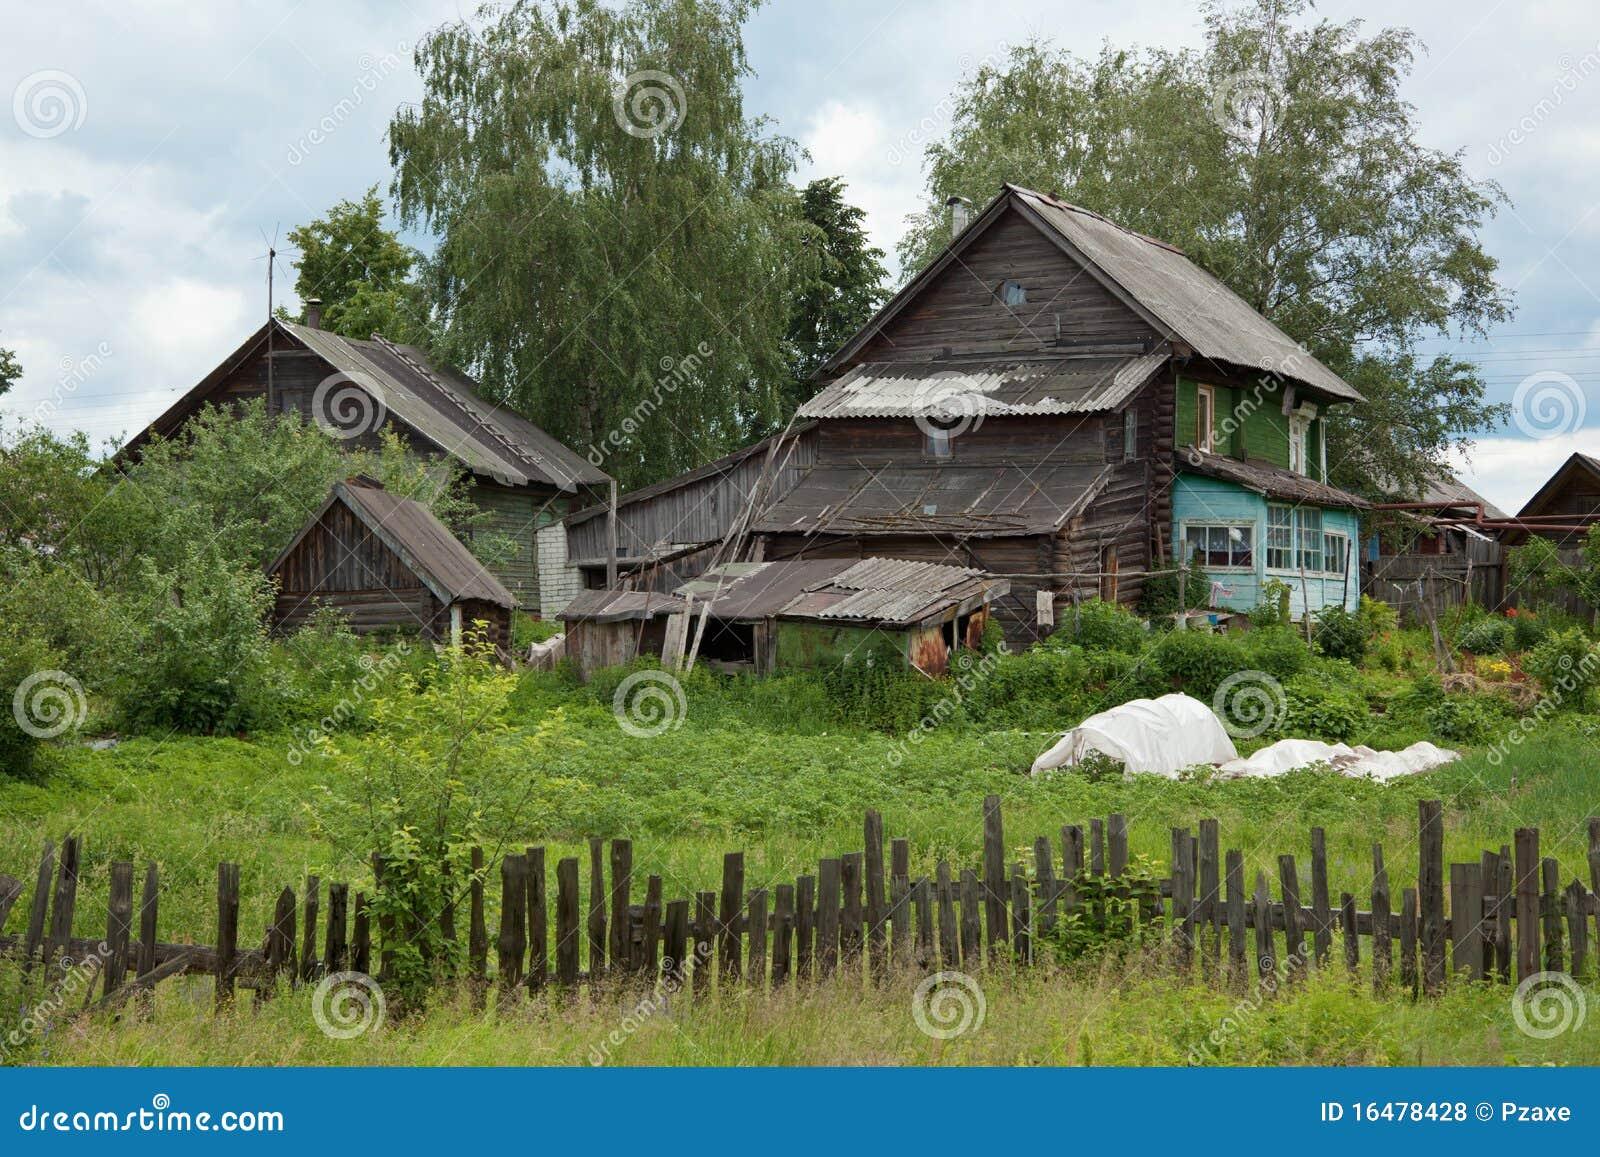 Casas de madera r sticas dilapidadas viejas fotos de - Casa de madera rustica ...